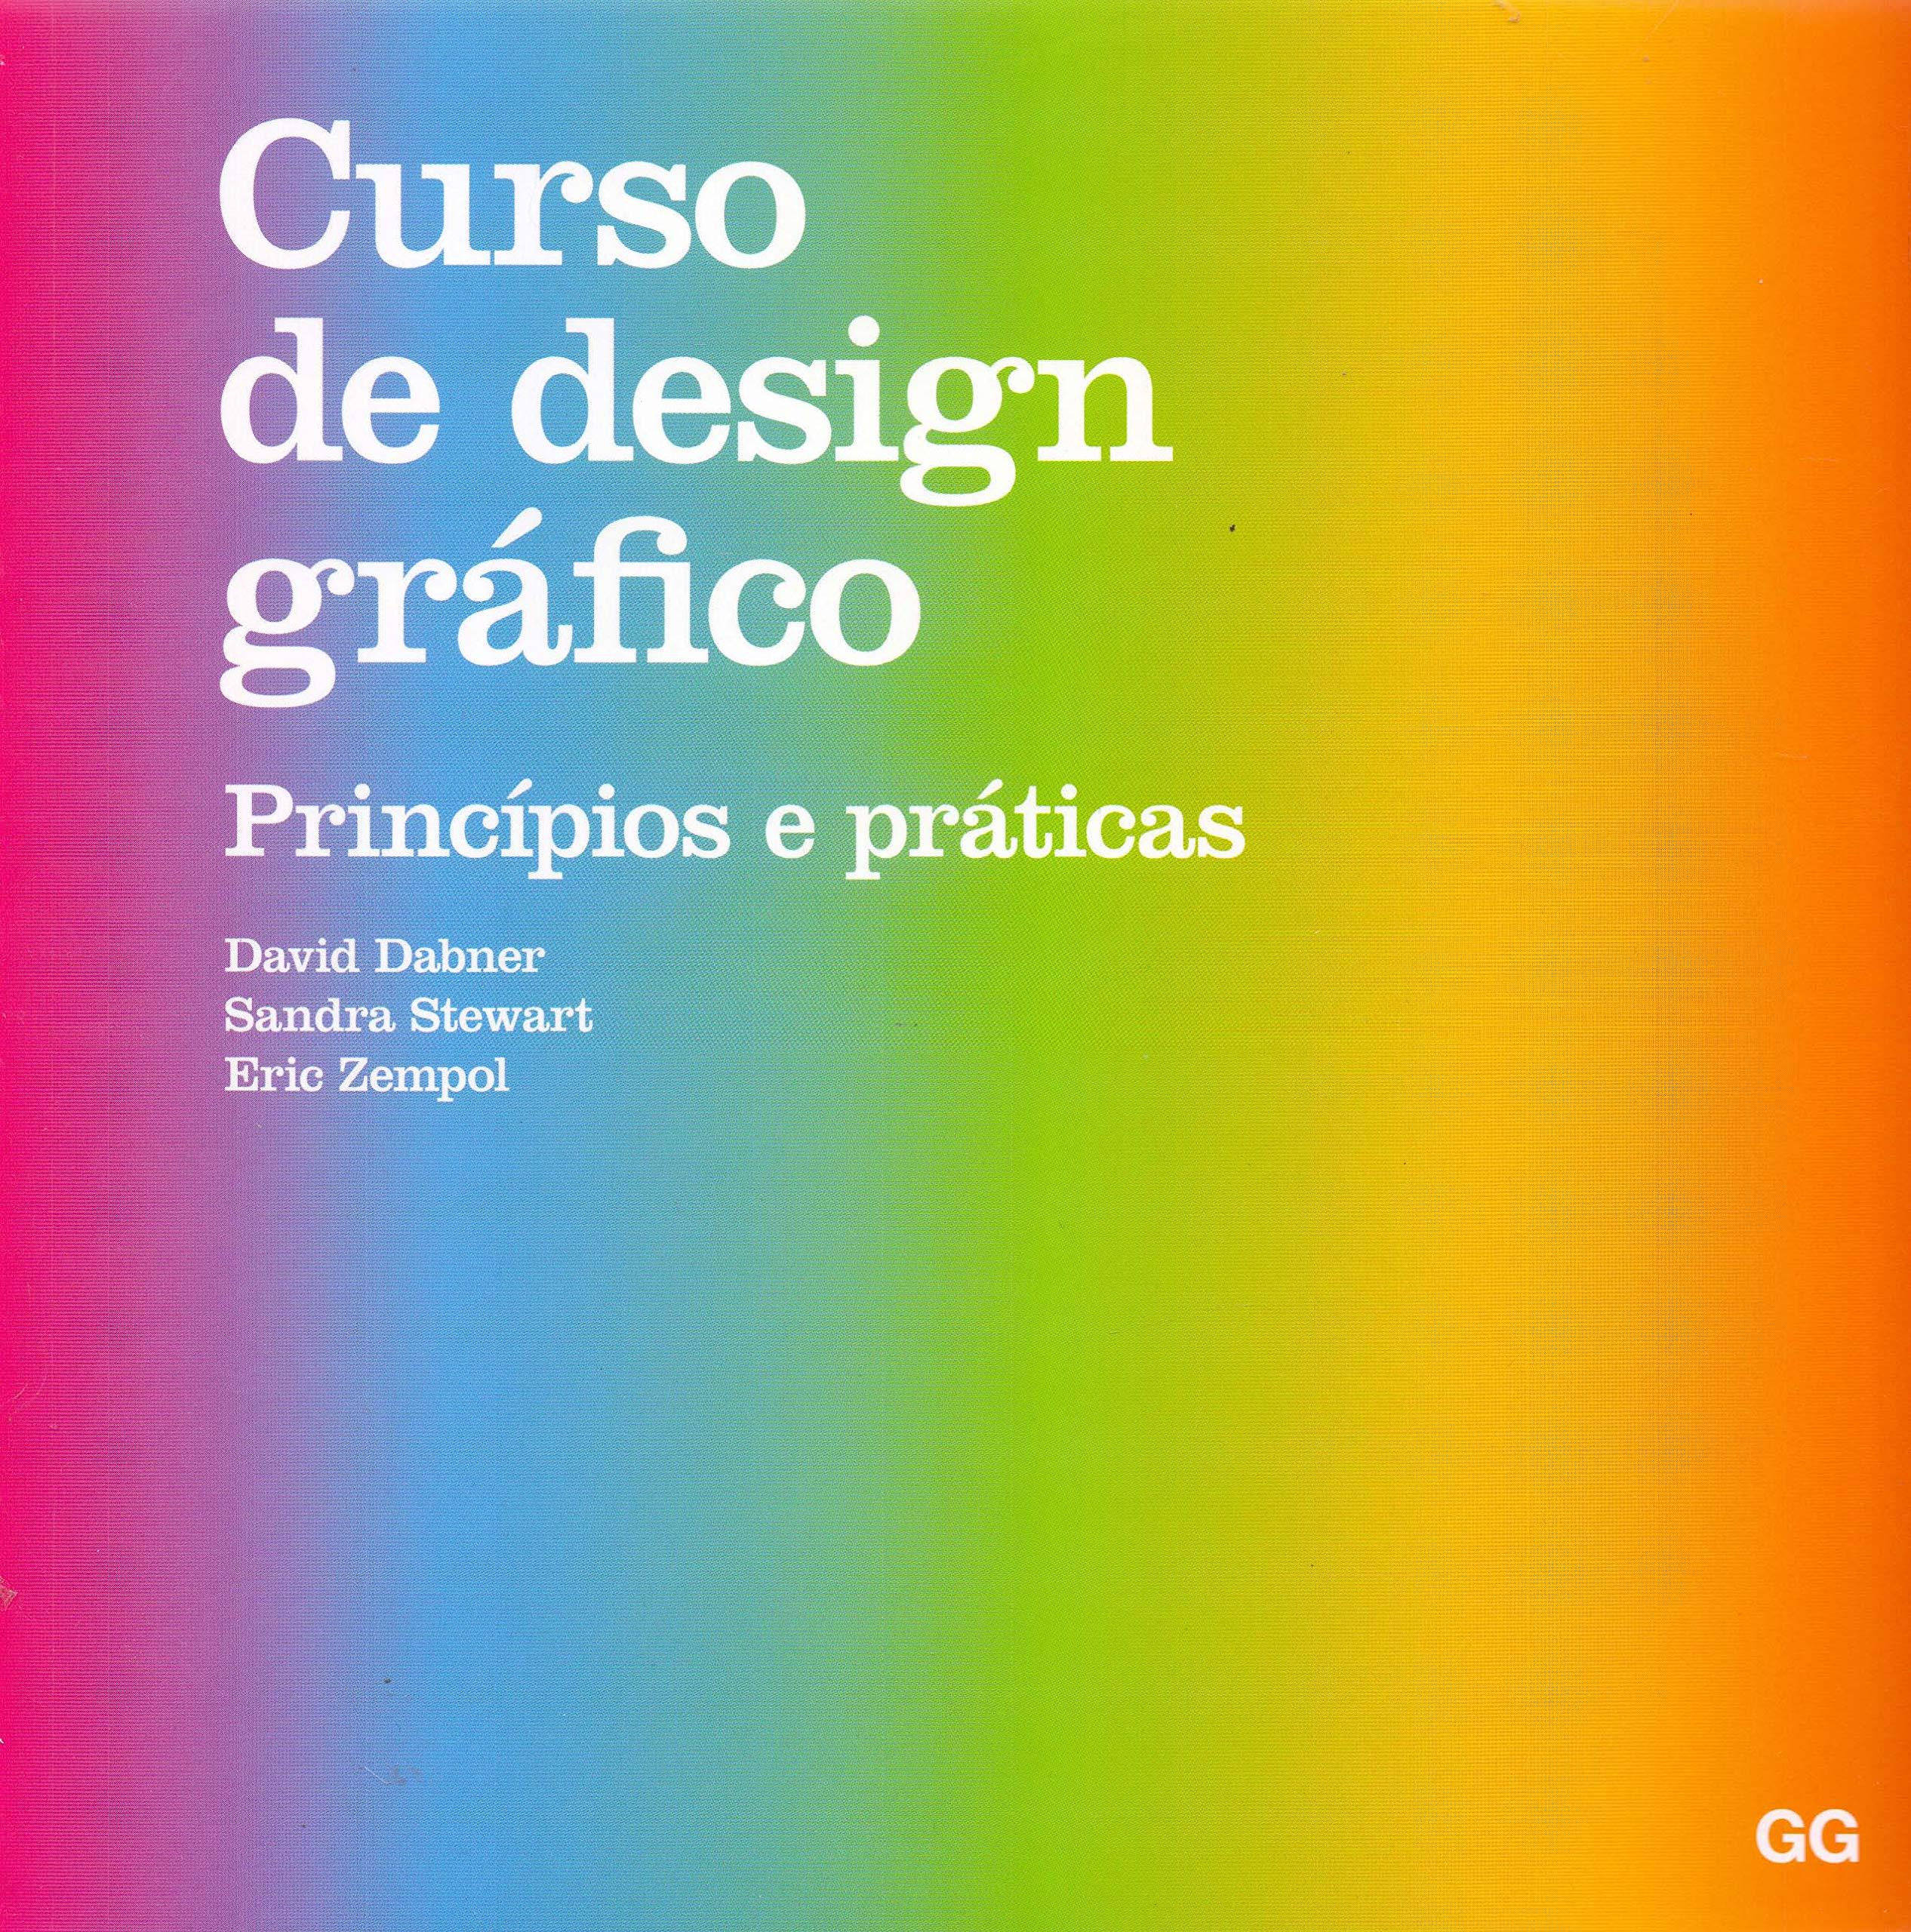 Curso de Design Gráfico: Princípios e práticas David Dabner, Sandra Stewart, Eric Zempol livro 5 Designe